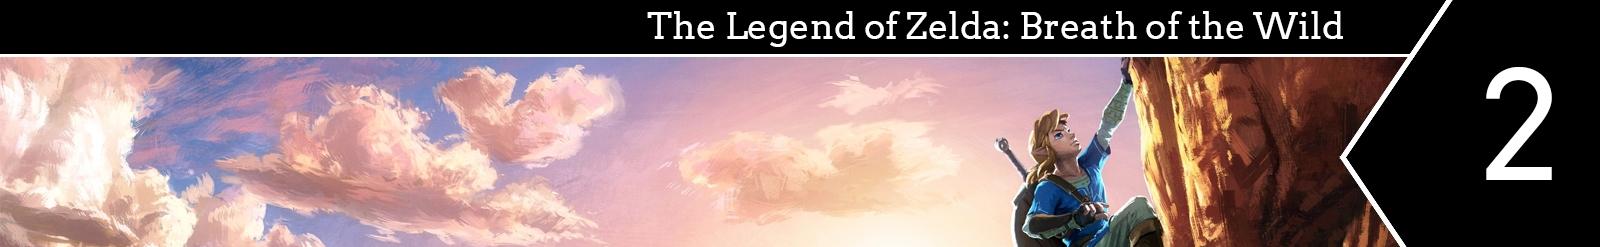 2_The Legend of Zelda- Breath of the Wild